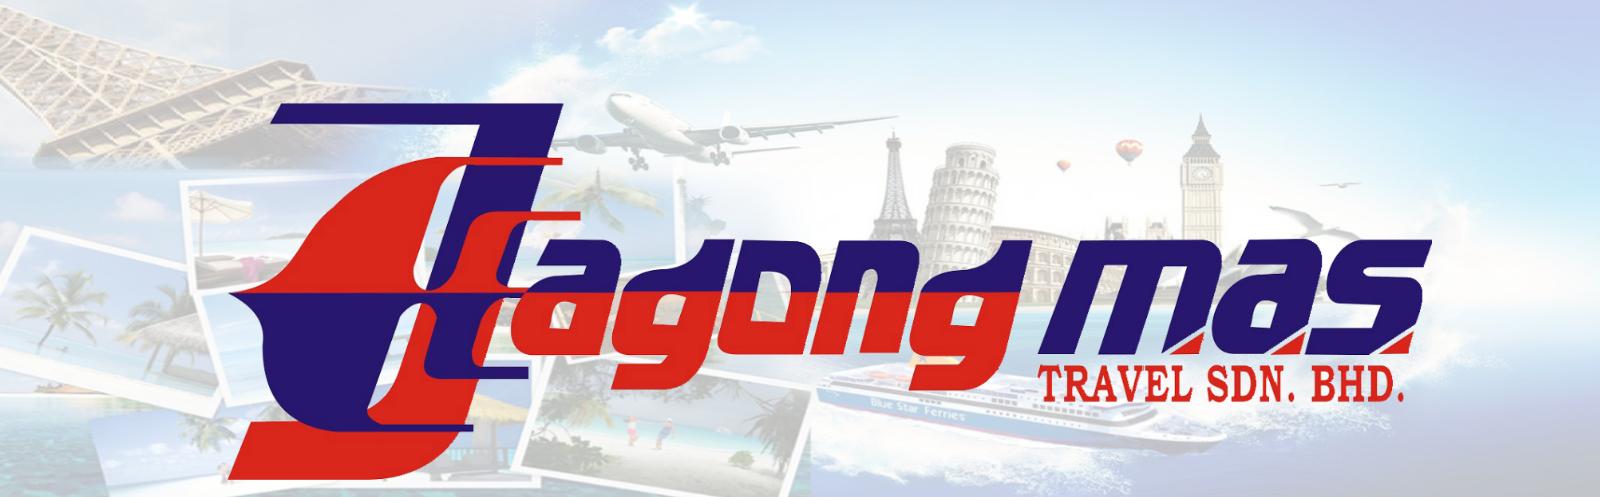 Jagong Mas Travel